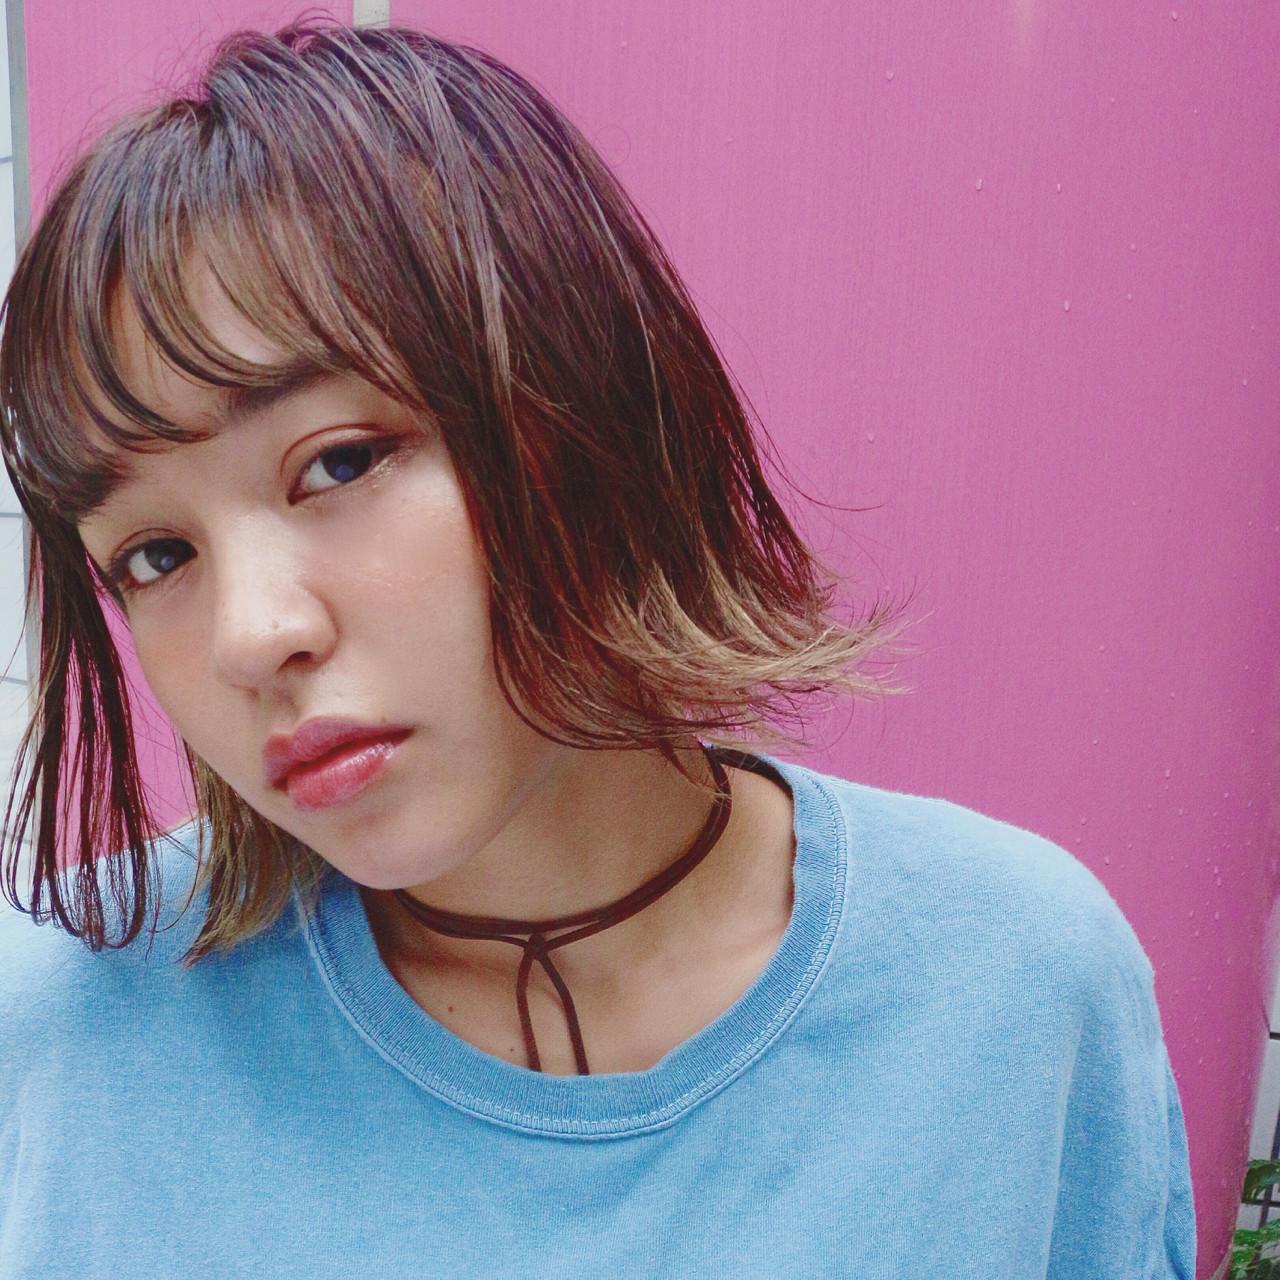 オン眉で印象チェンジ♡丸顔さんも似合うおすすめヘアスタイル紹介の20枚目の画像